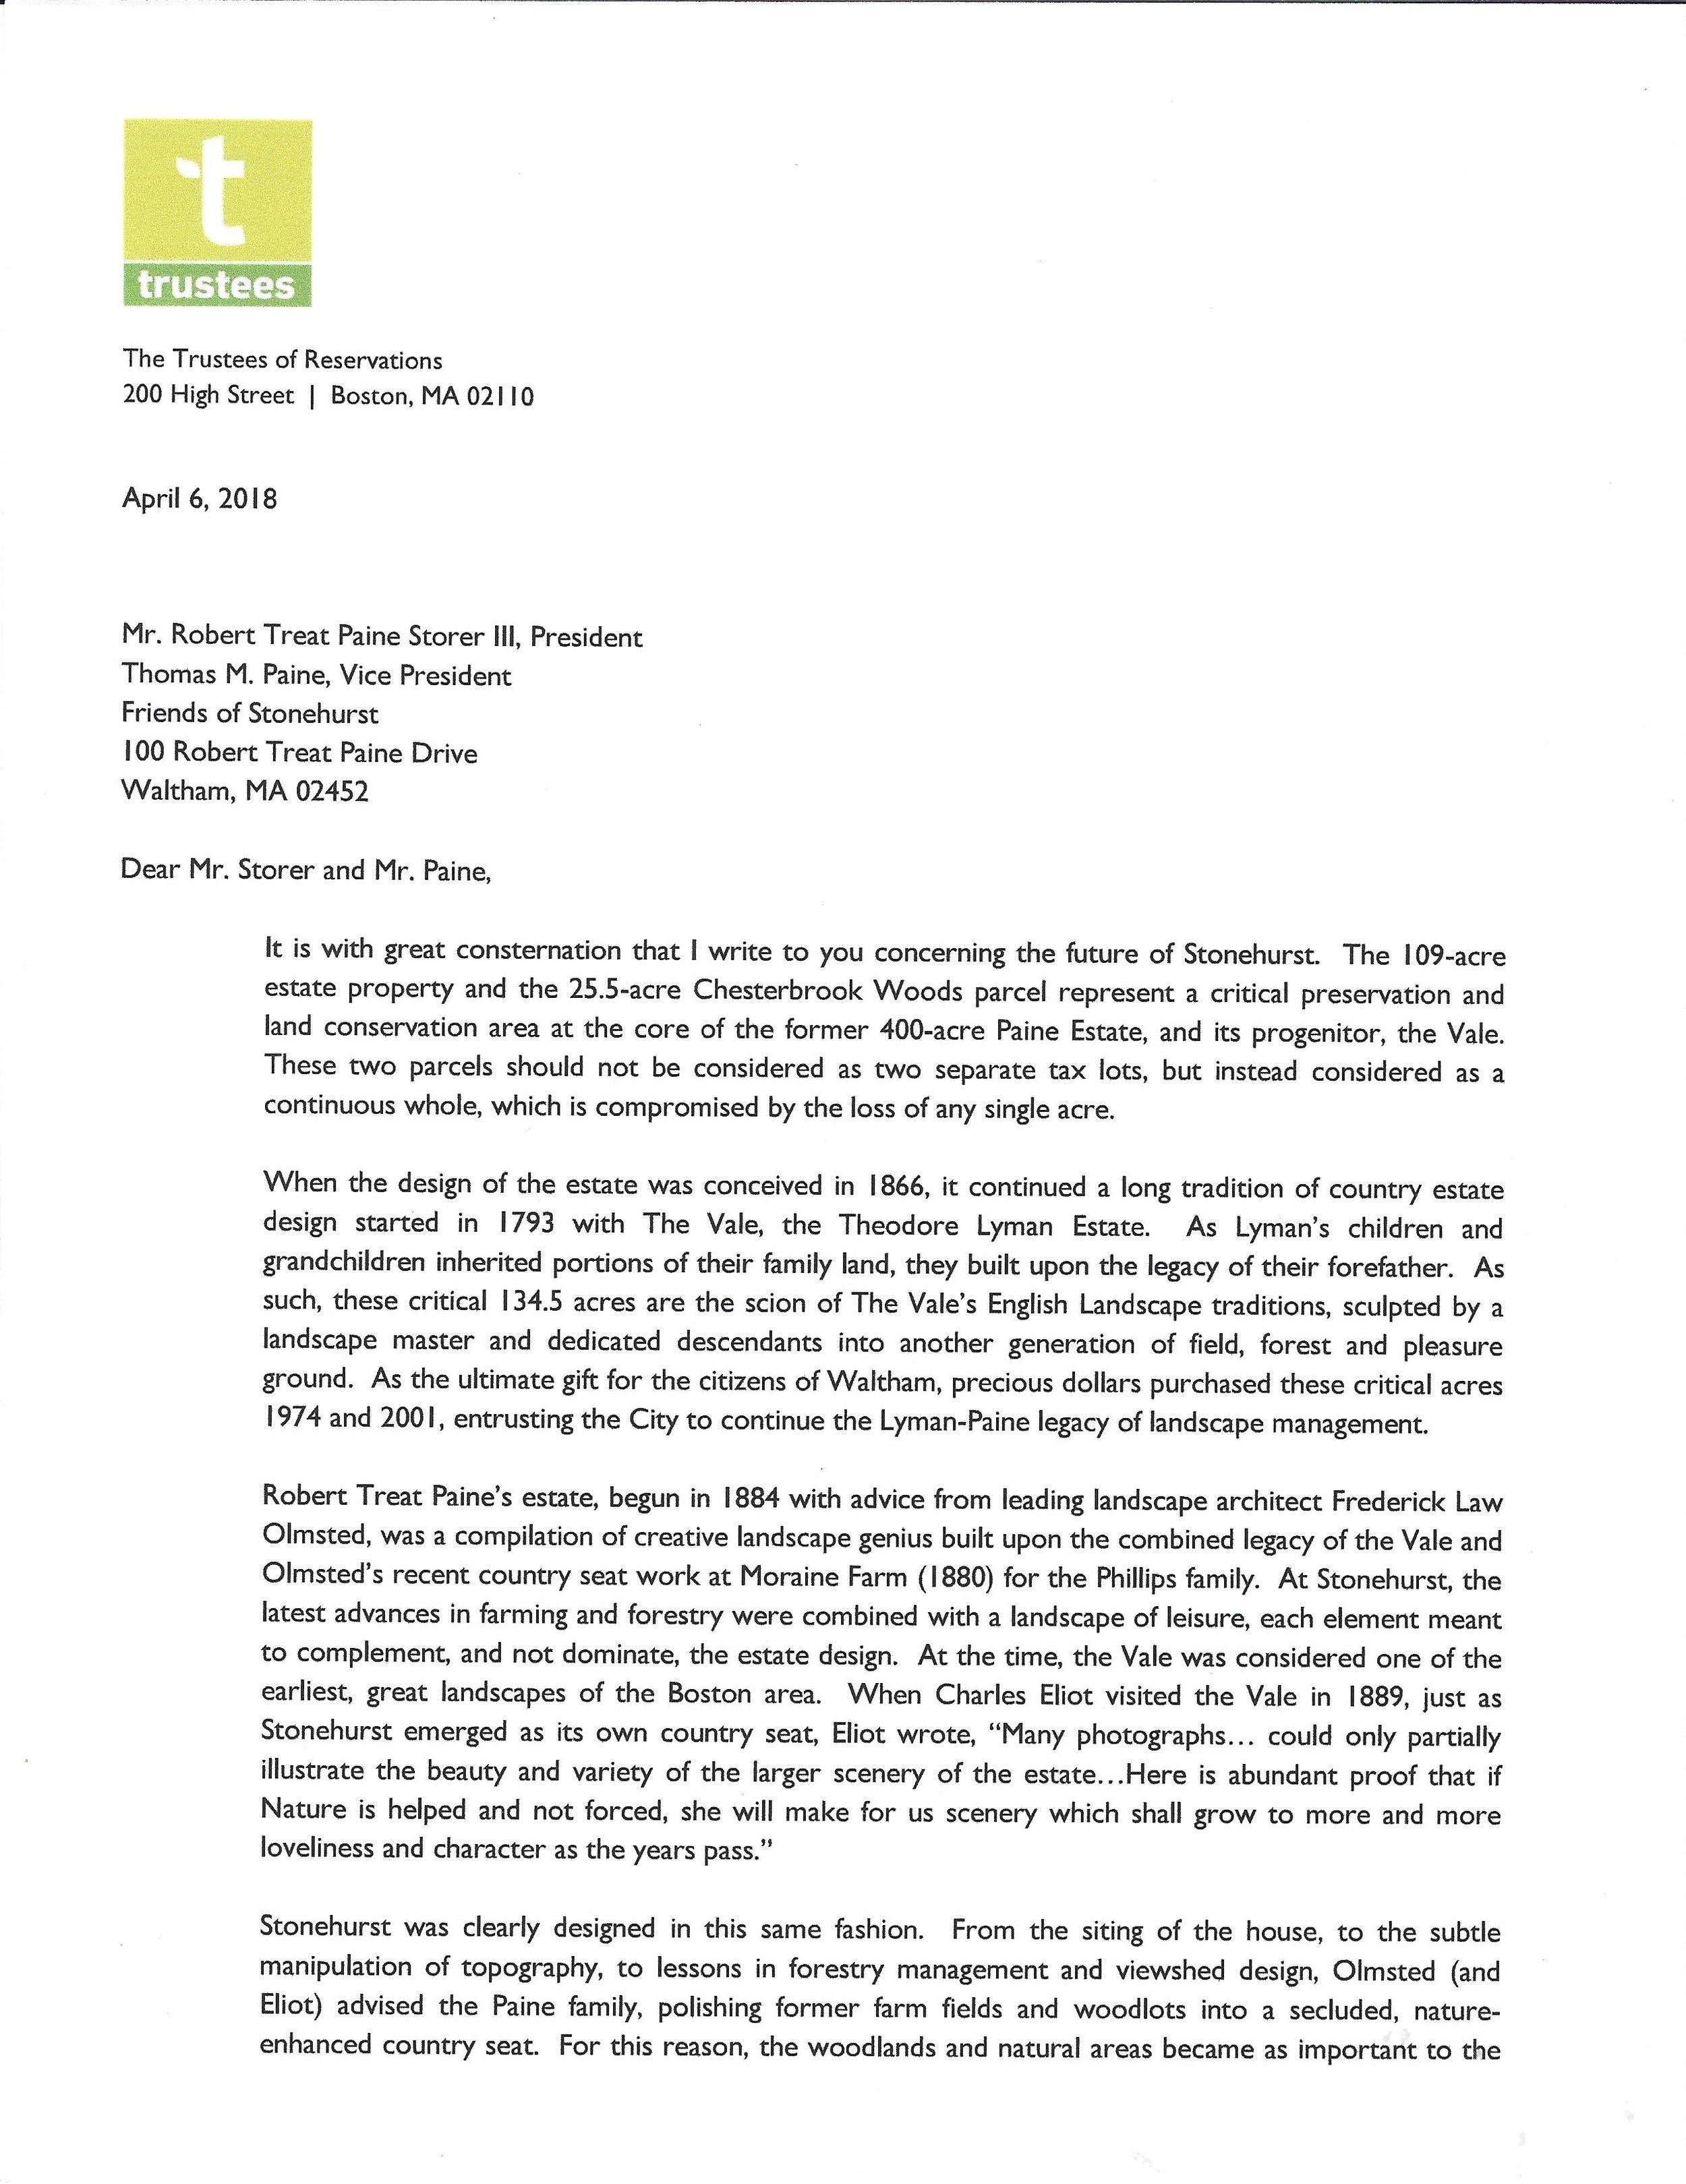 trustees letter on landtaking jpeg.jpg